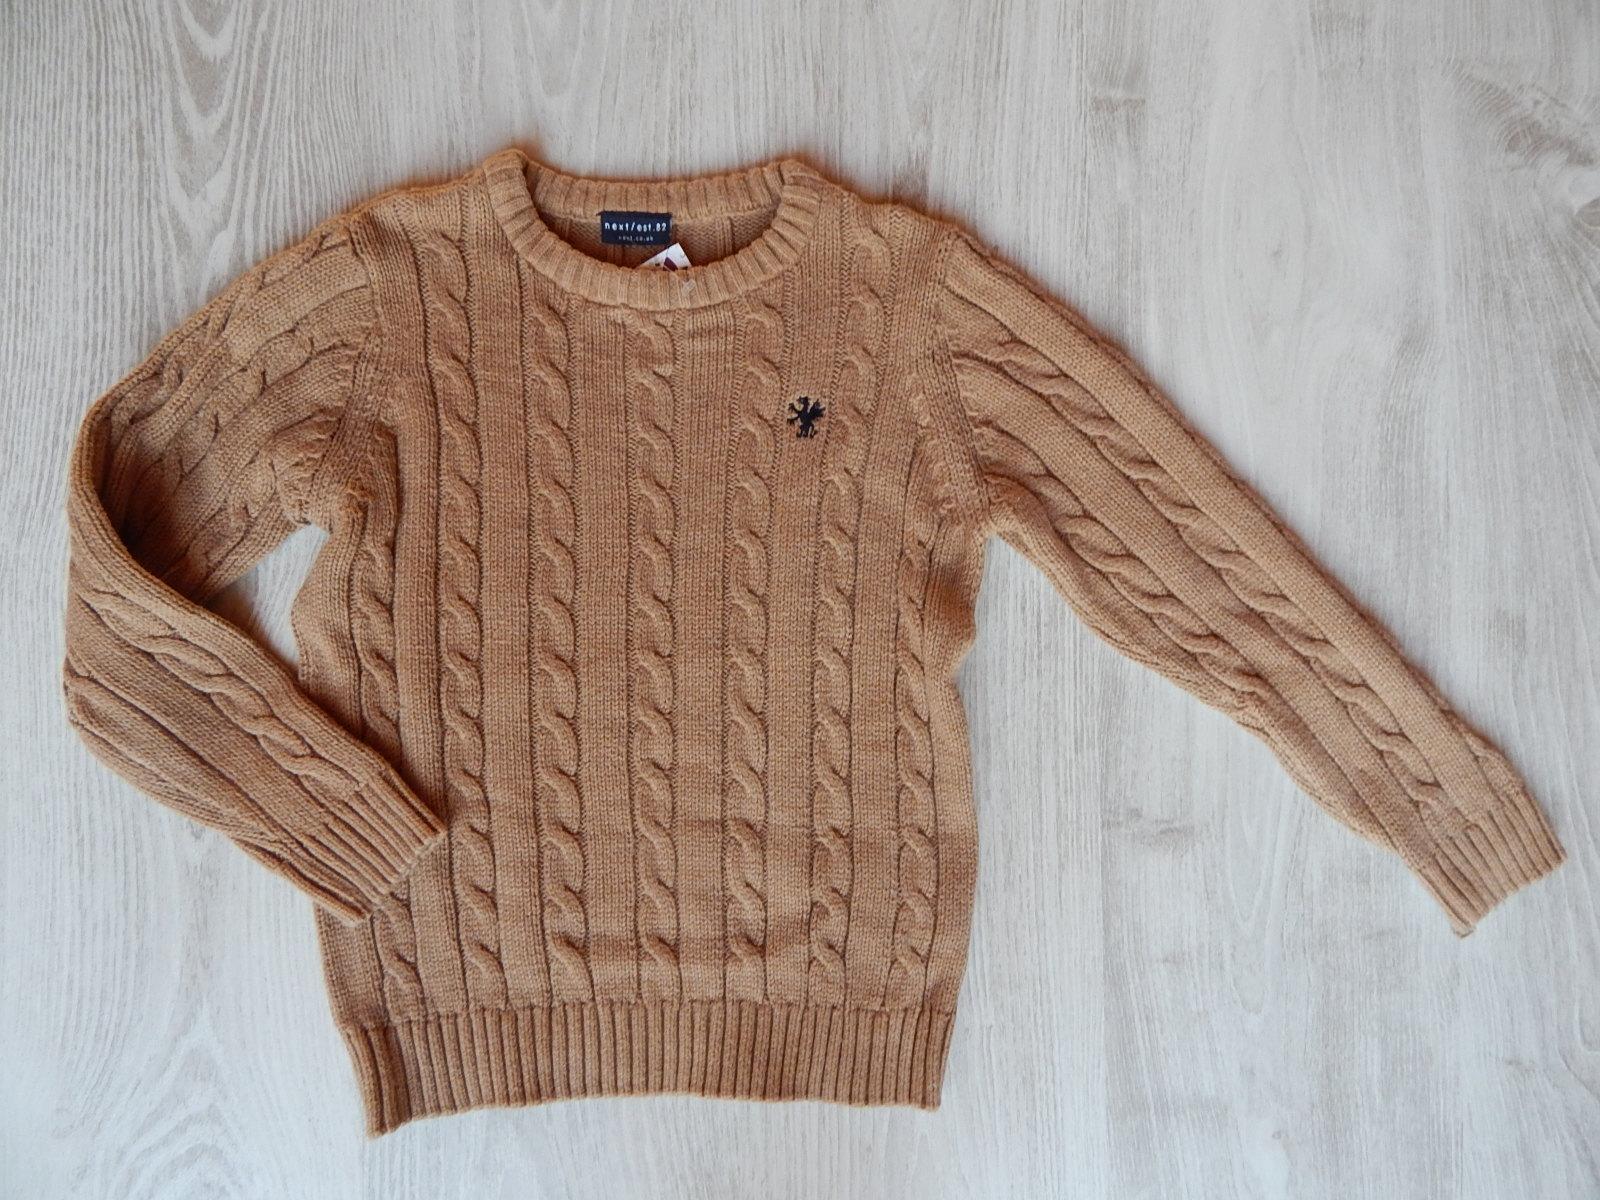 Next világos barna kötött pulcsi  122 (7 év)   Fiú ruhák     Lótusz ... 847484a35a